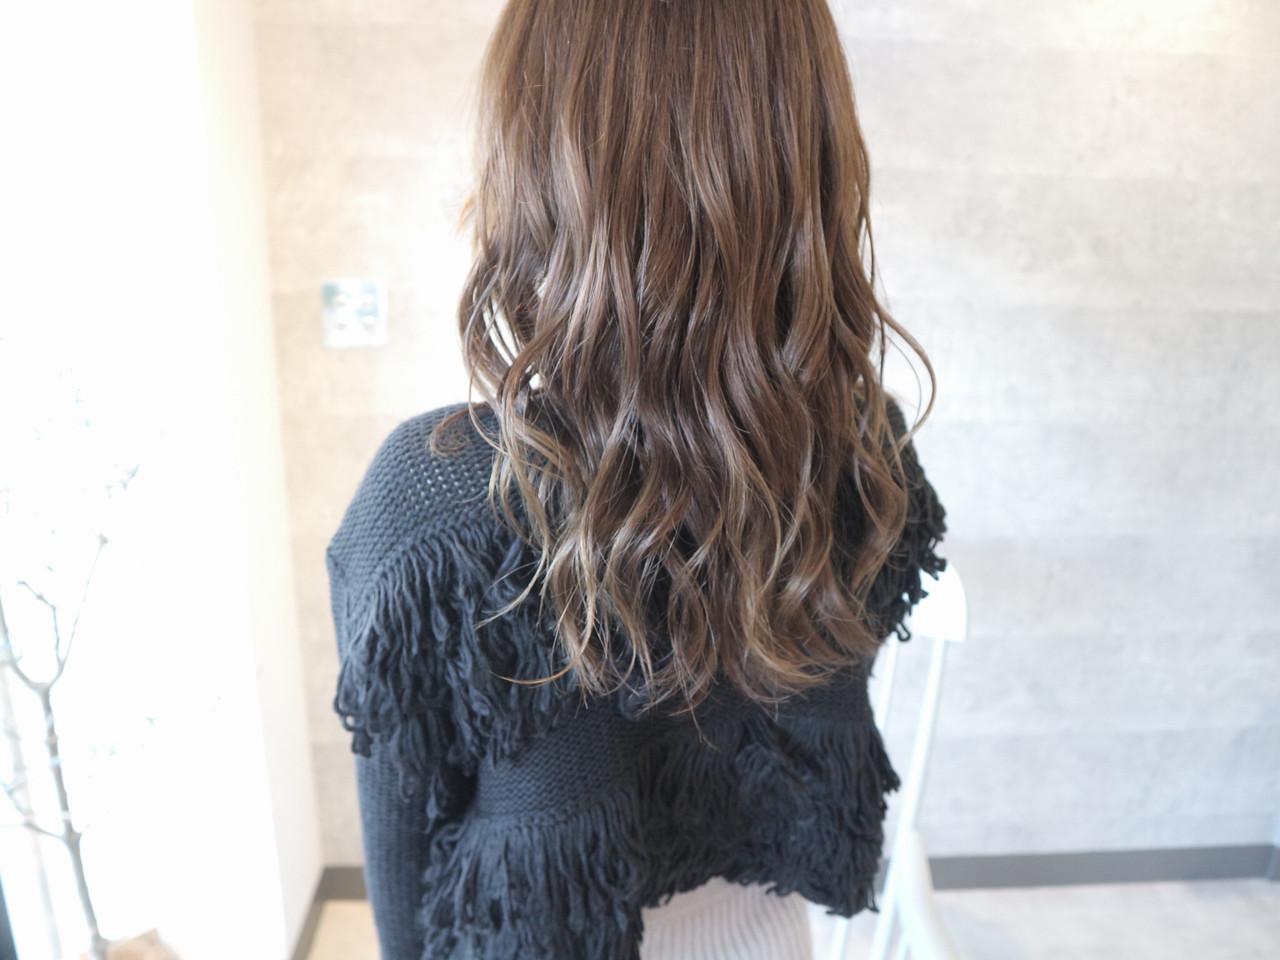 ロング パーティ アンニュイほつれヘア 結婚式 ヘアスタイルや髪型の写真・画像 | 桑村亮太/CALIF hair store / 函館/CALIF hair store/キャリフ ヘアストア